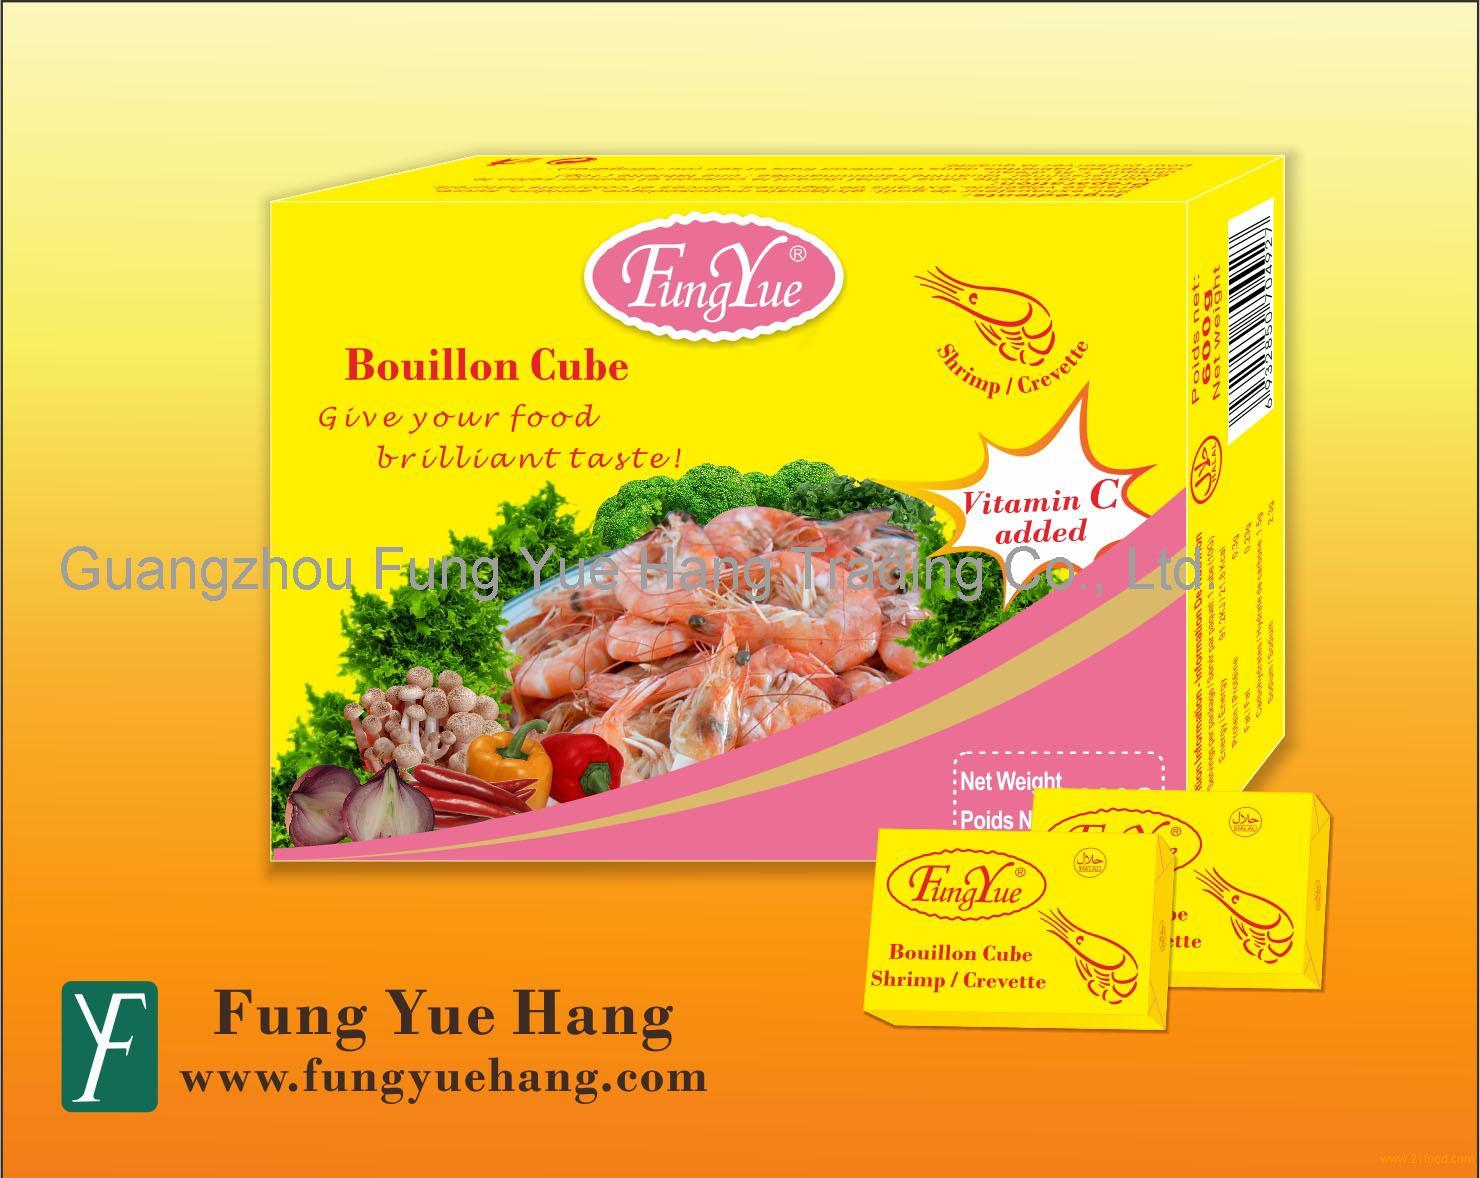 https://img.21food.com/img/product/2012/12/3/fungyuehang-16170580.jpg